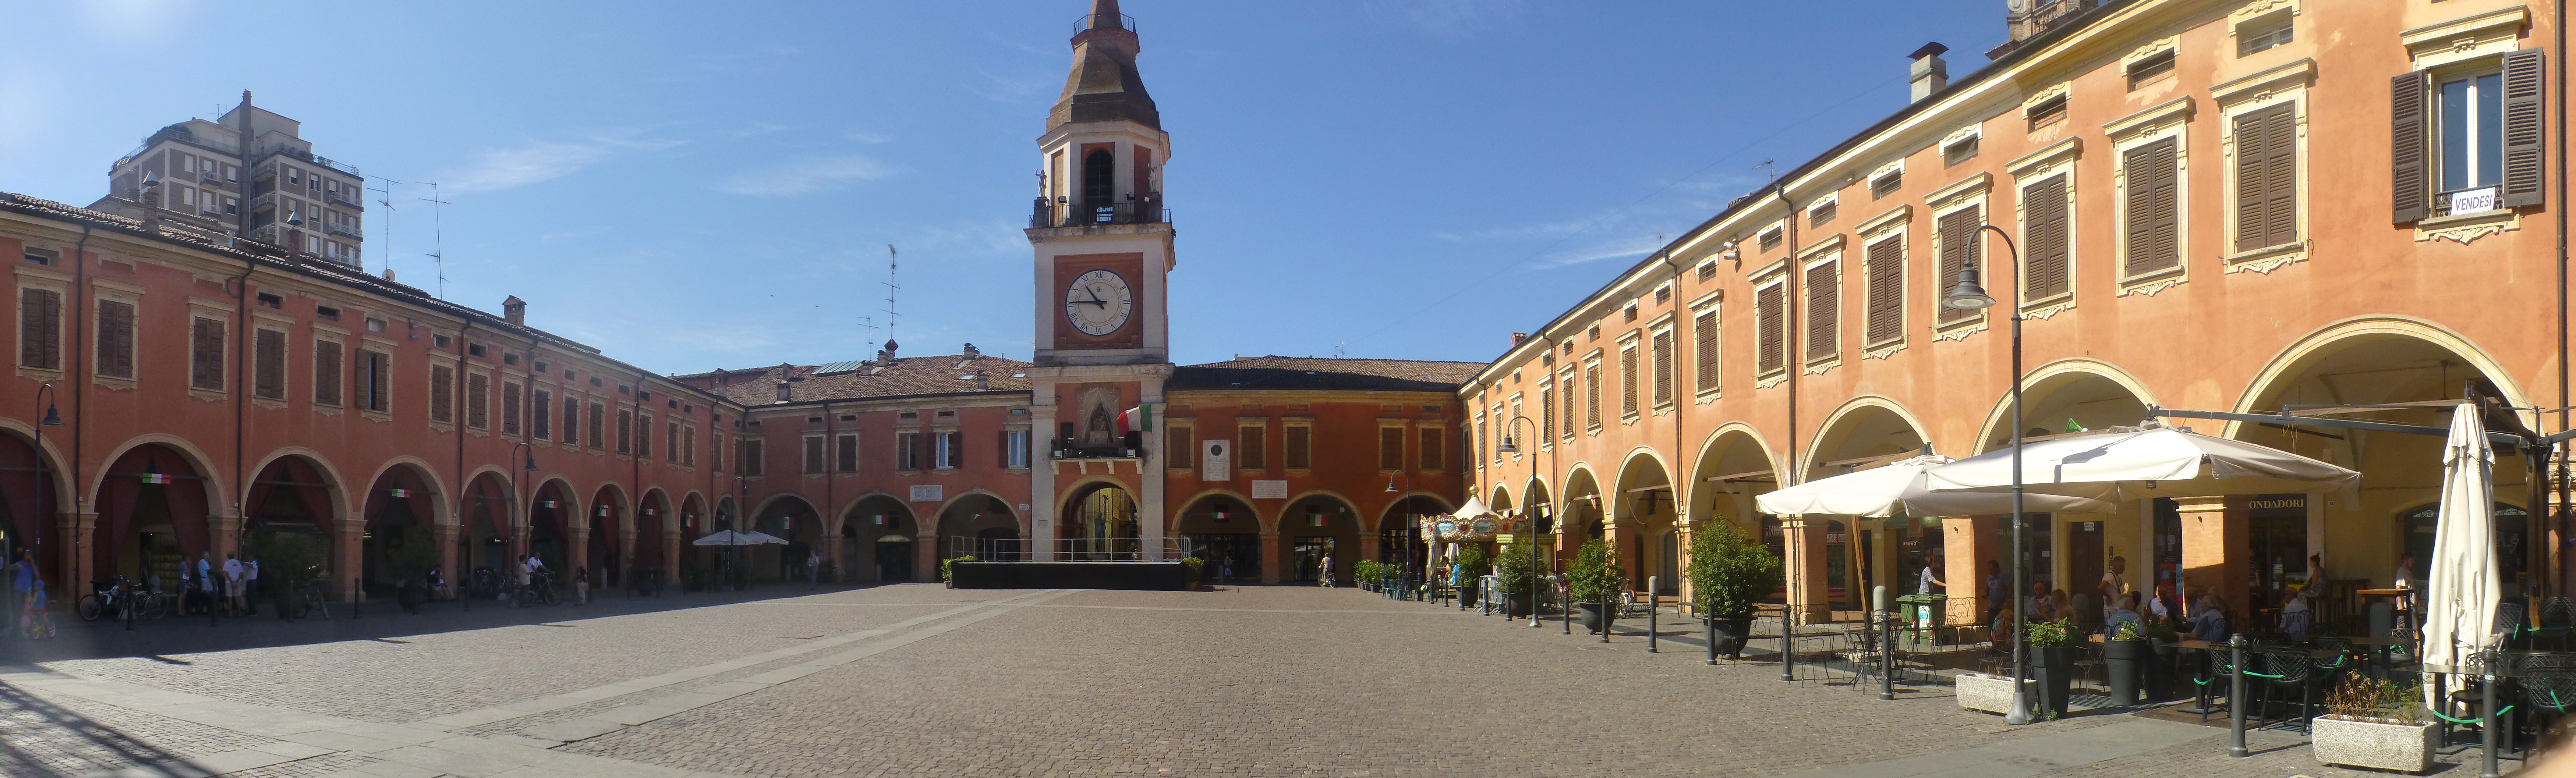 La Piazza Piccola - Sassuolo